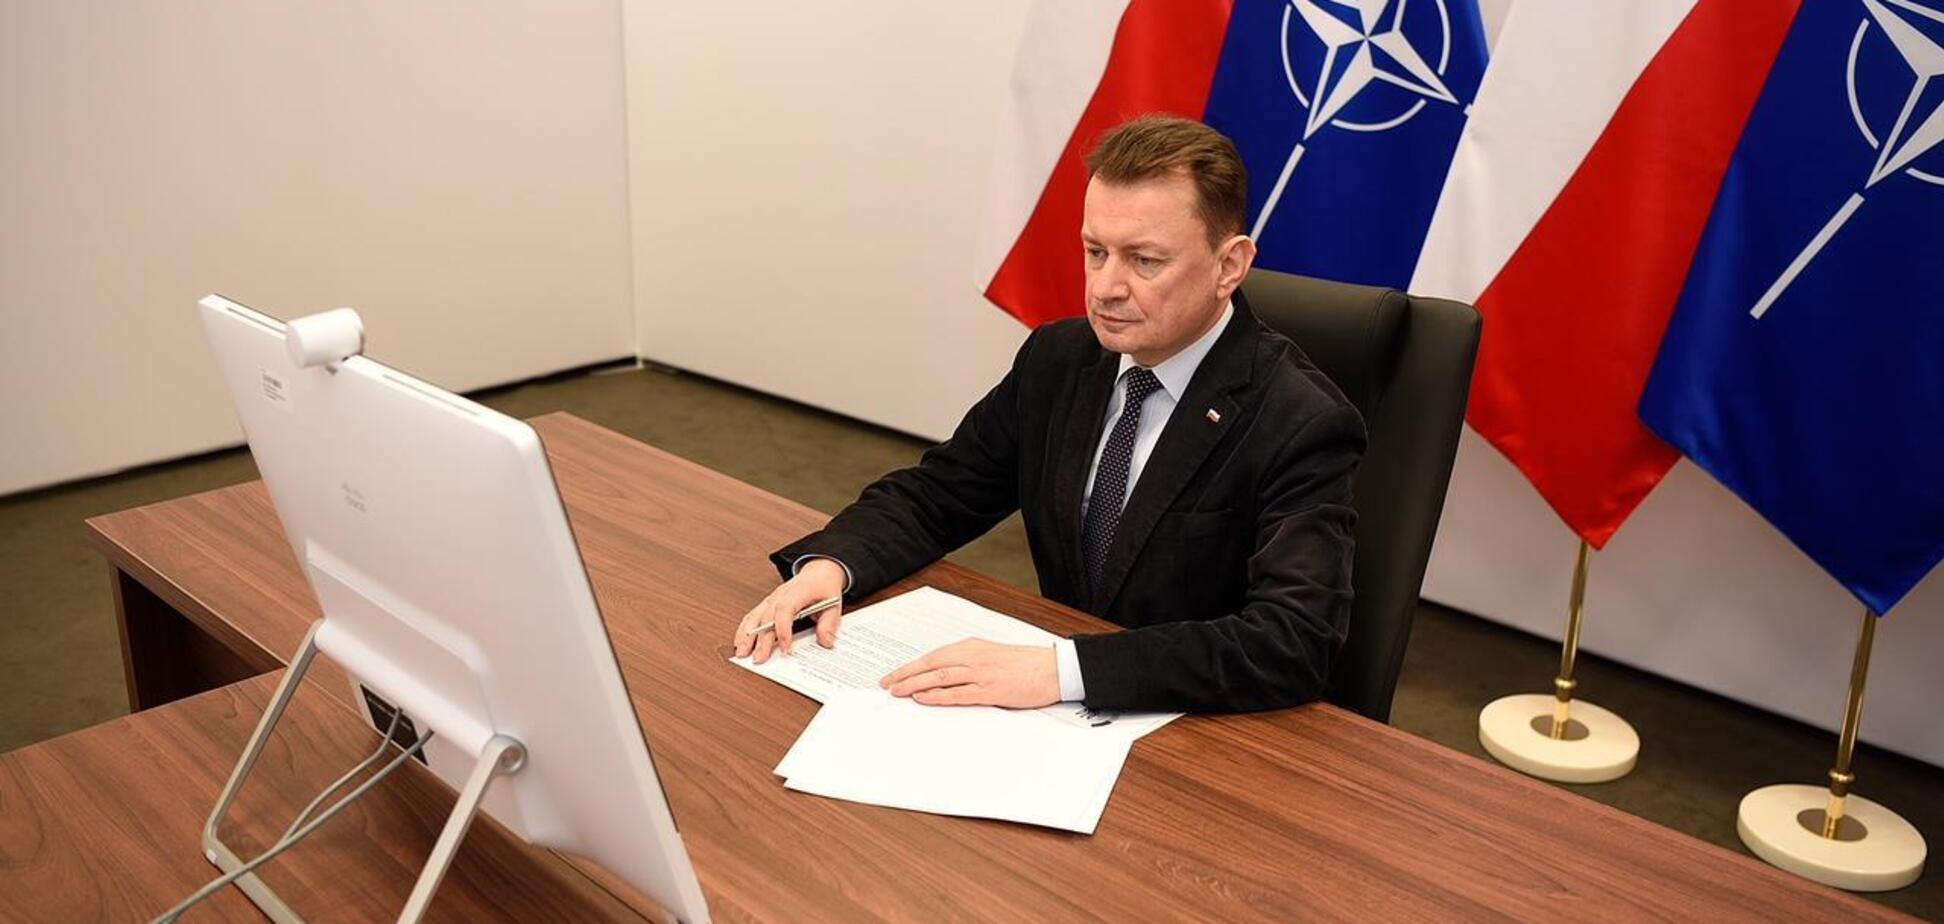 Путін хоче відновити російську імперію, – глава Міноборони Польщі